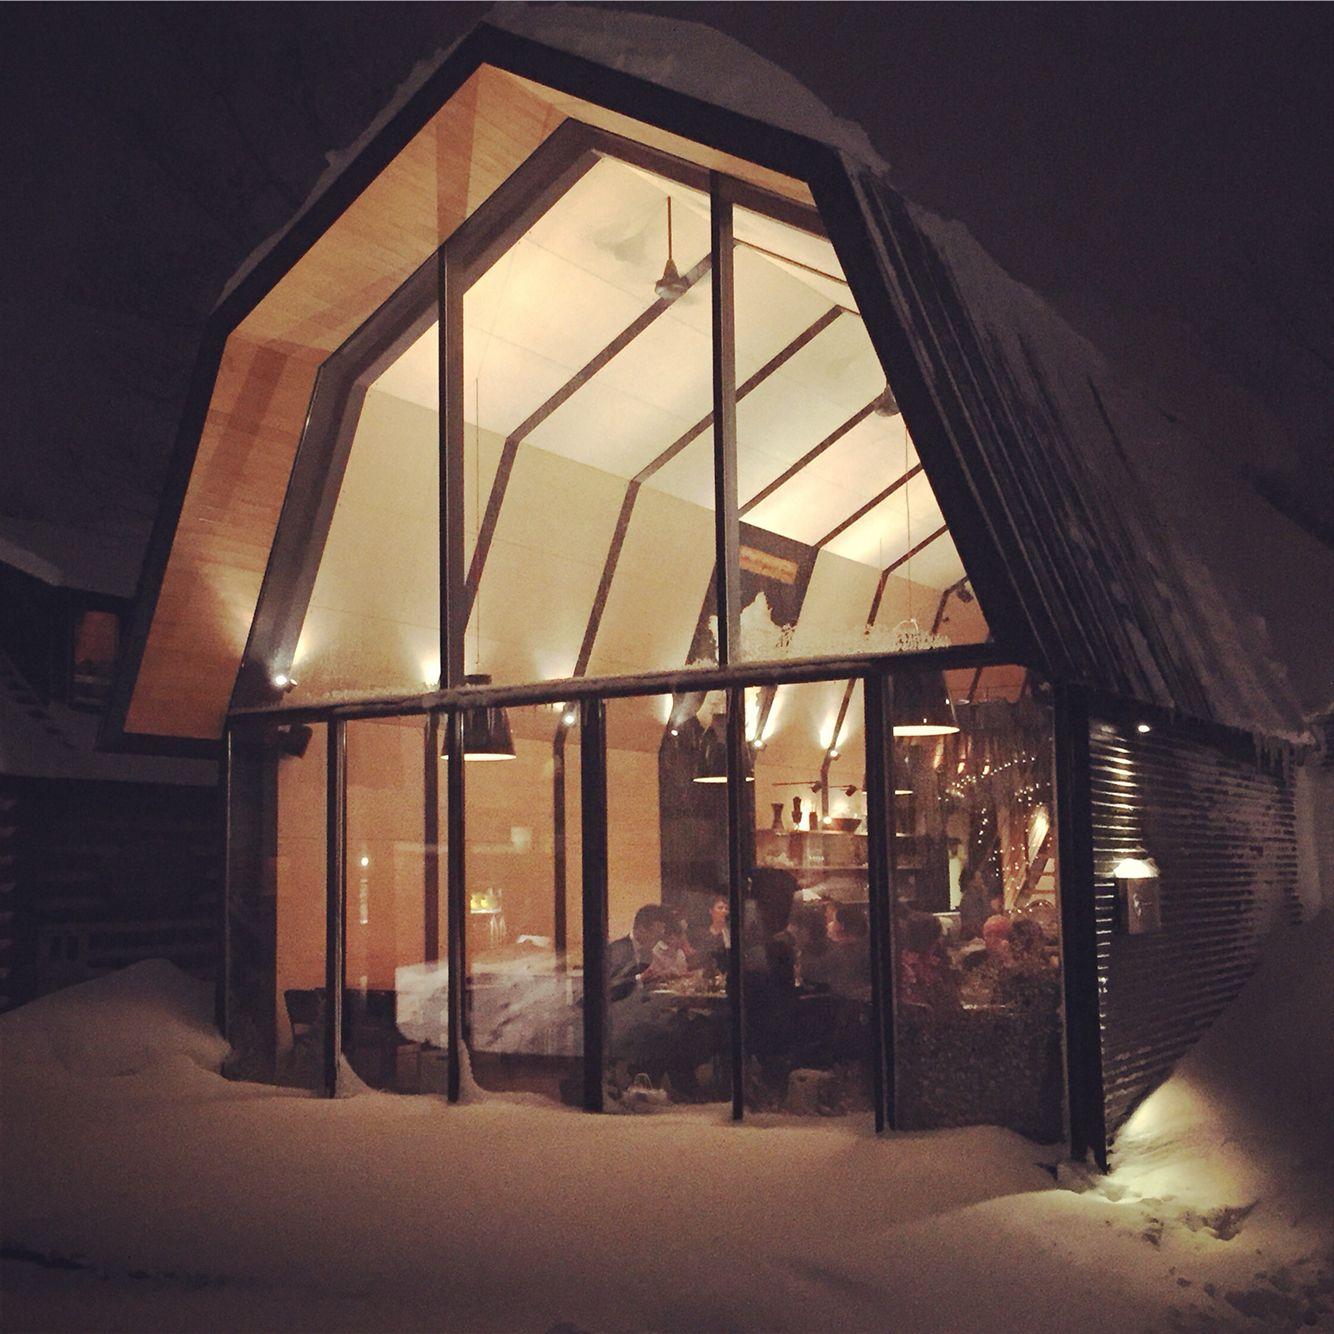 The Barn By Odin Niseko Hokkaido Japan Holiday 2015